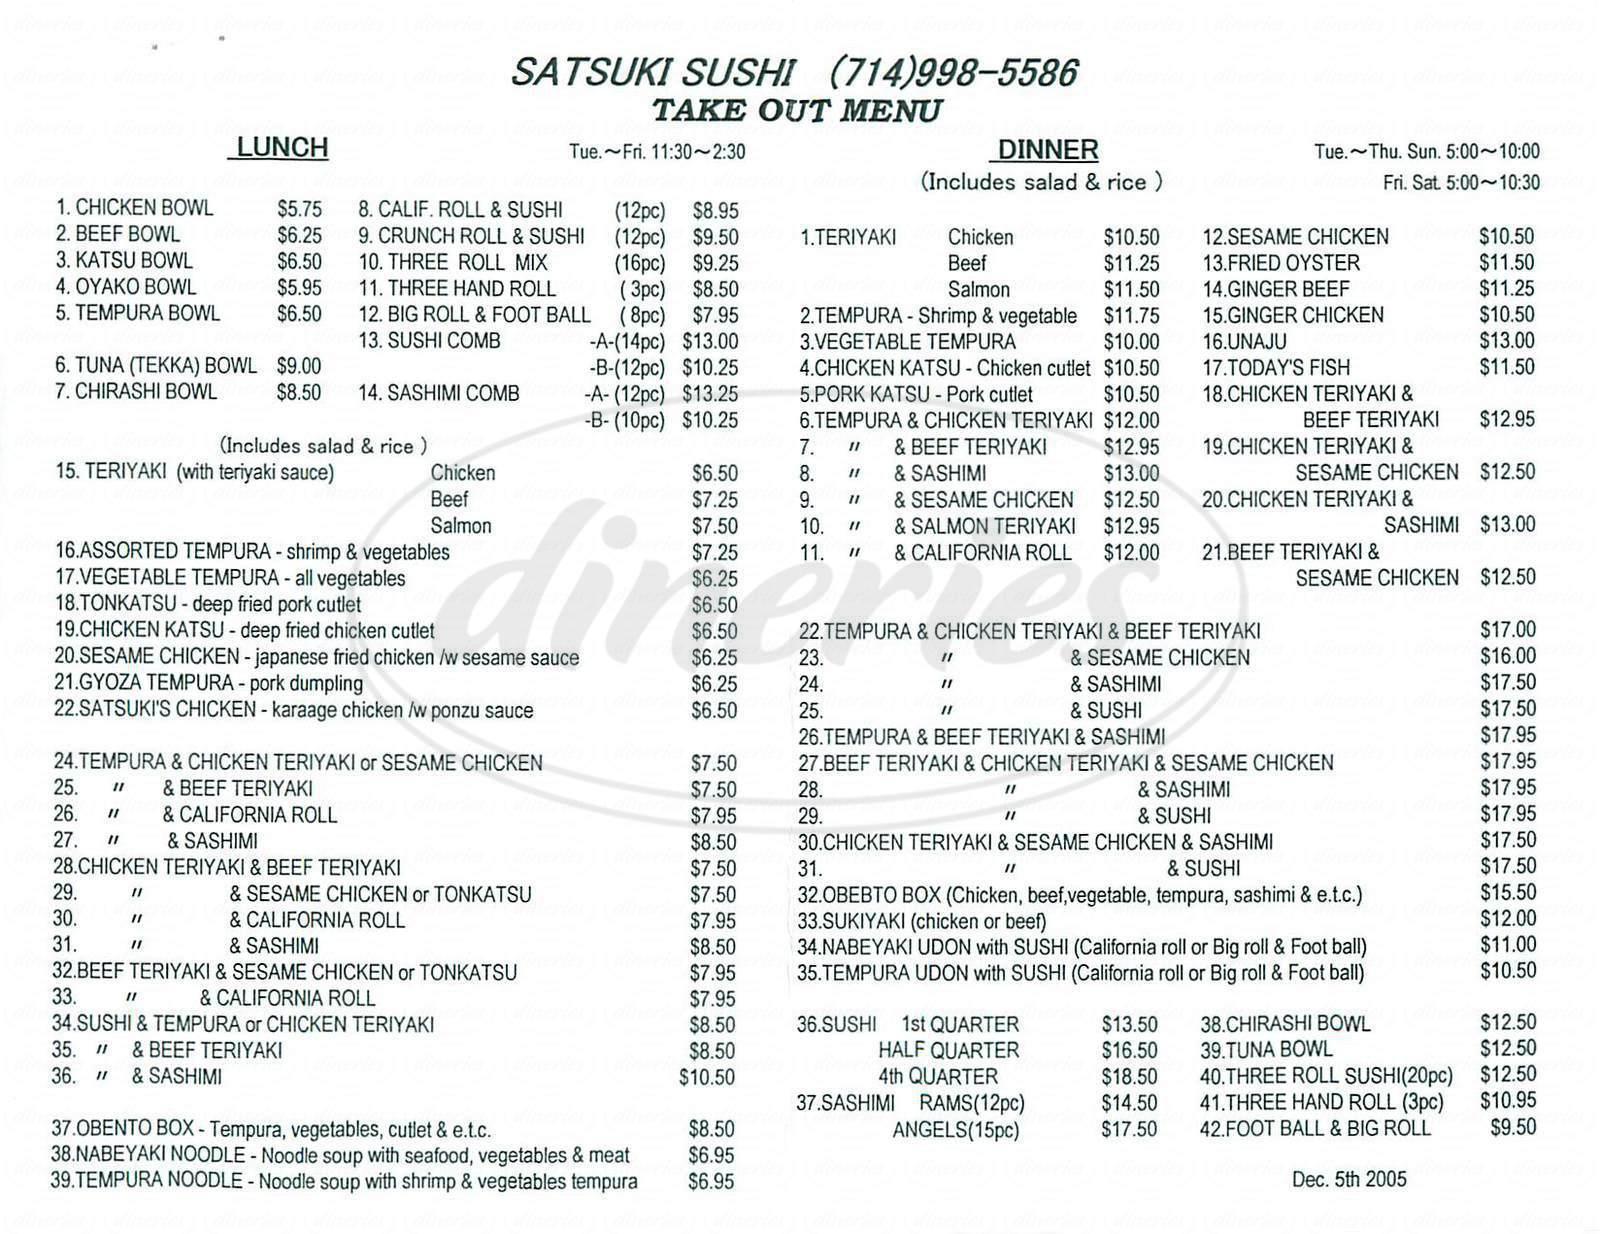 menu for Satsuki Sushi